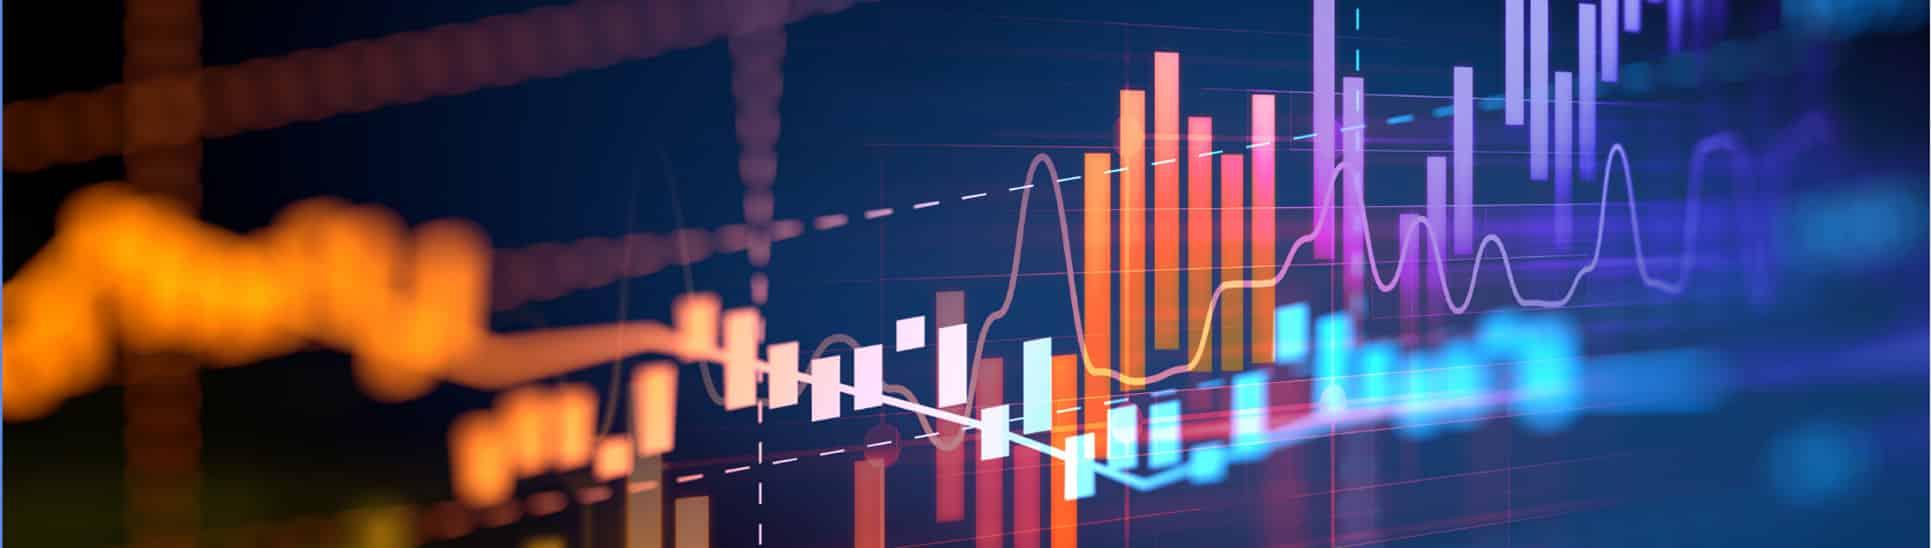 Investisseurs image